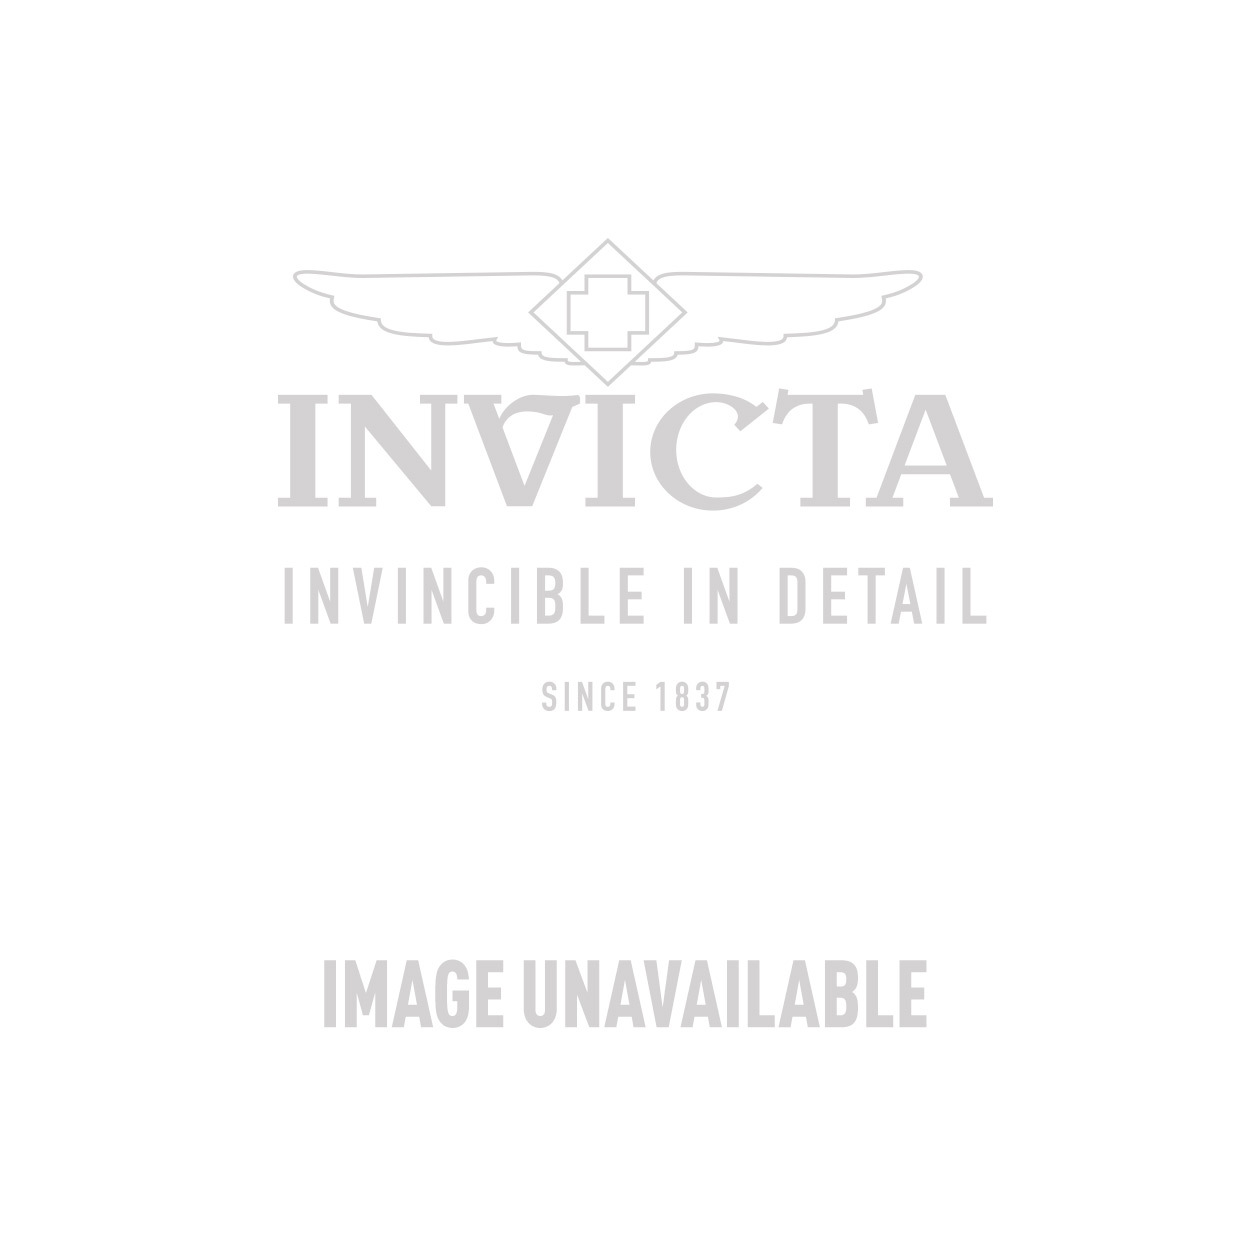 Invicta Model 25472